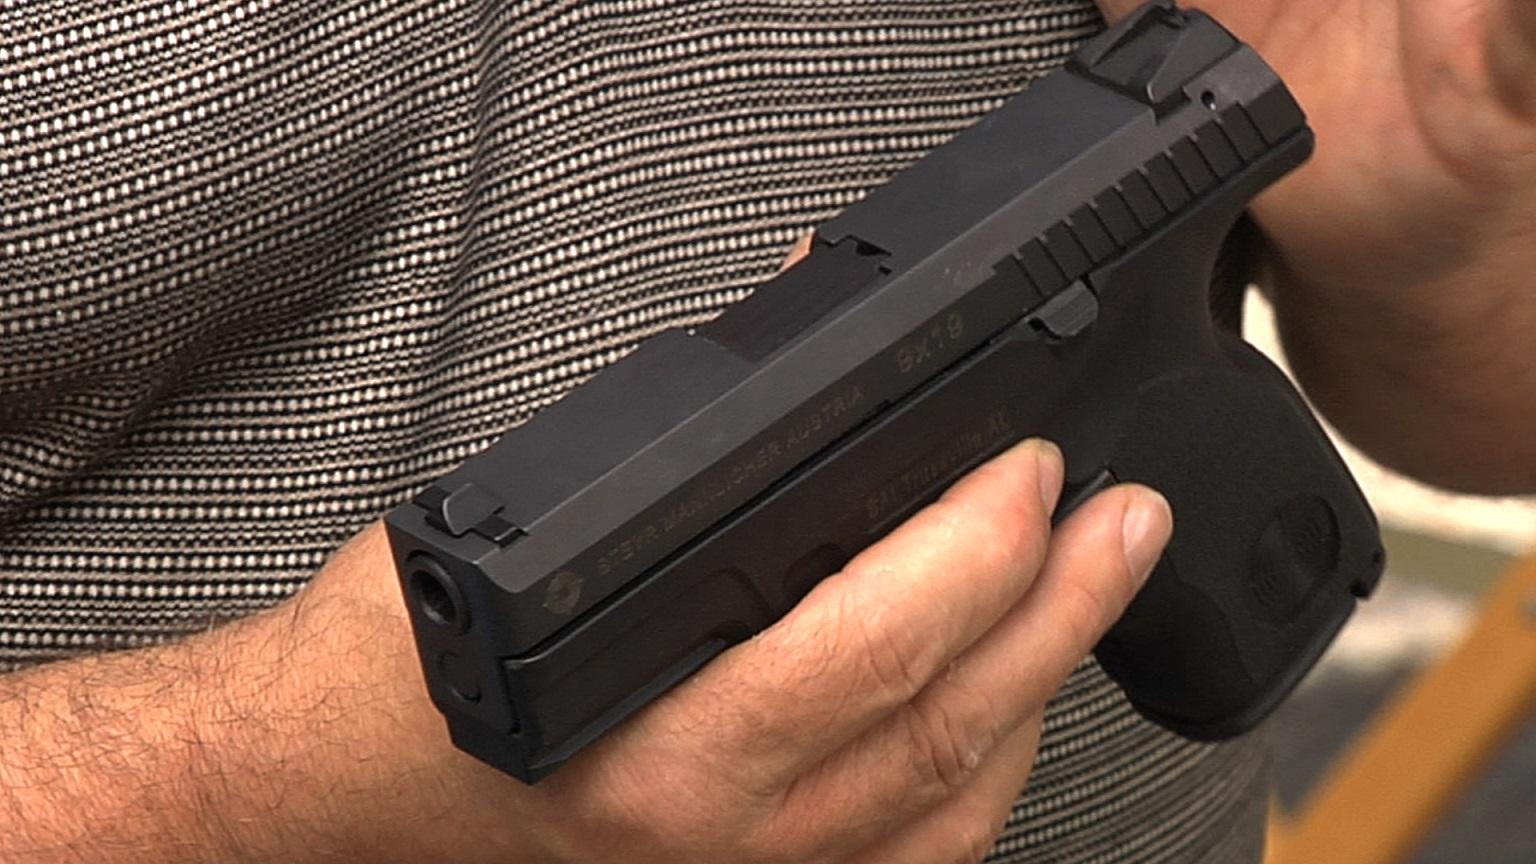 Firearms Training to Learn to Break in a Handgun